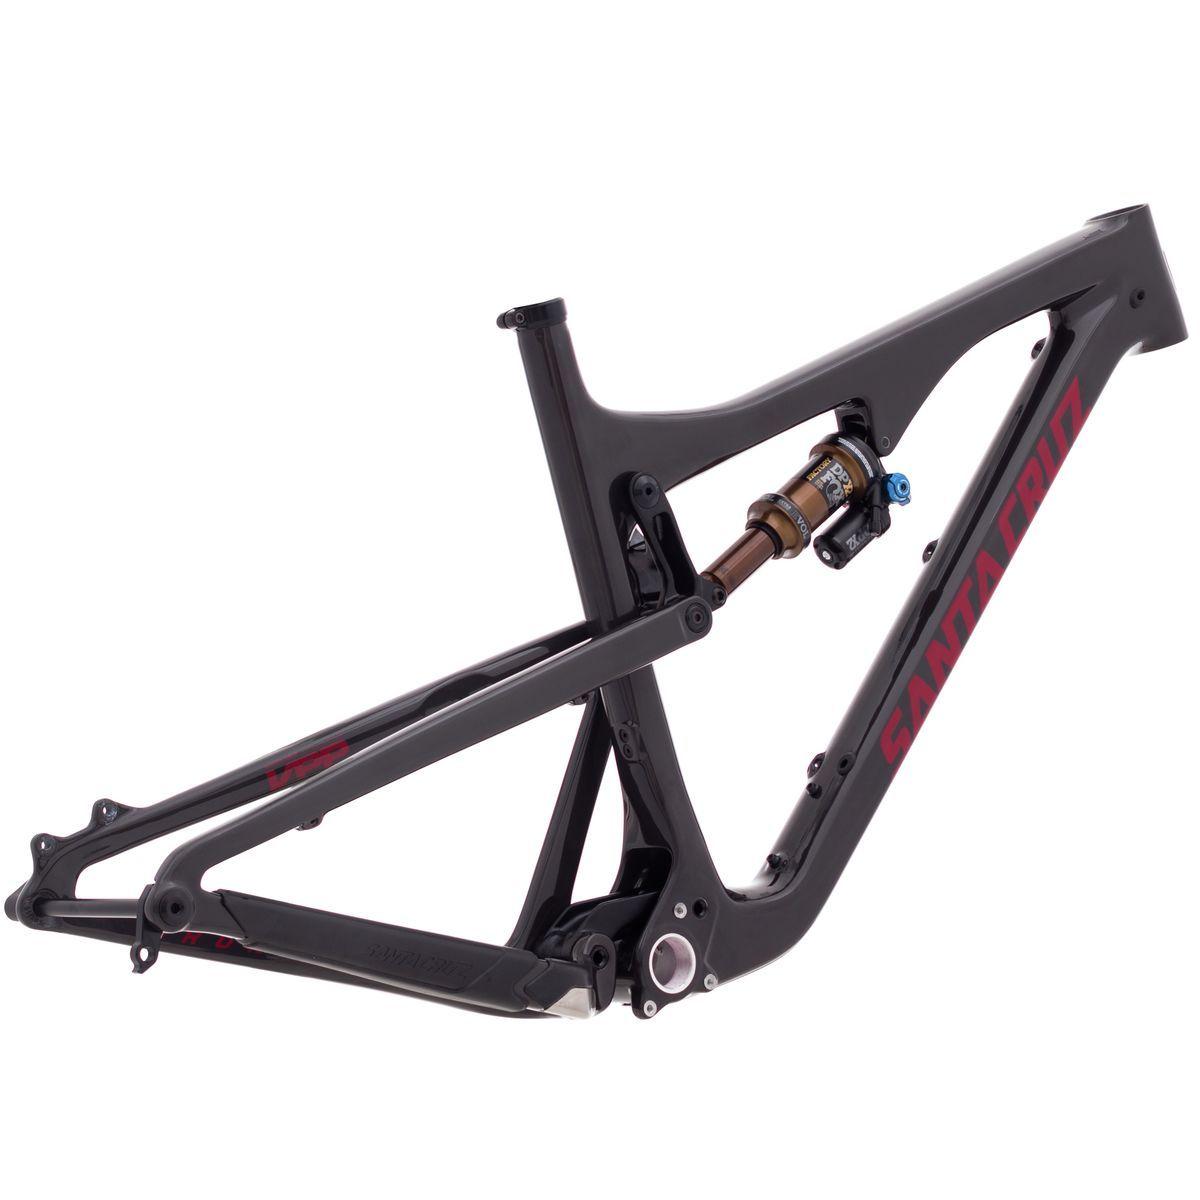 Santa Cruz Bronson 2.1 Carbon CC 2018 black